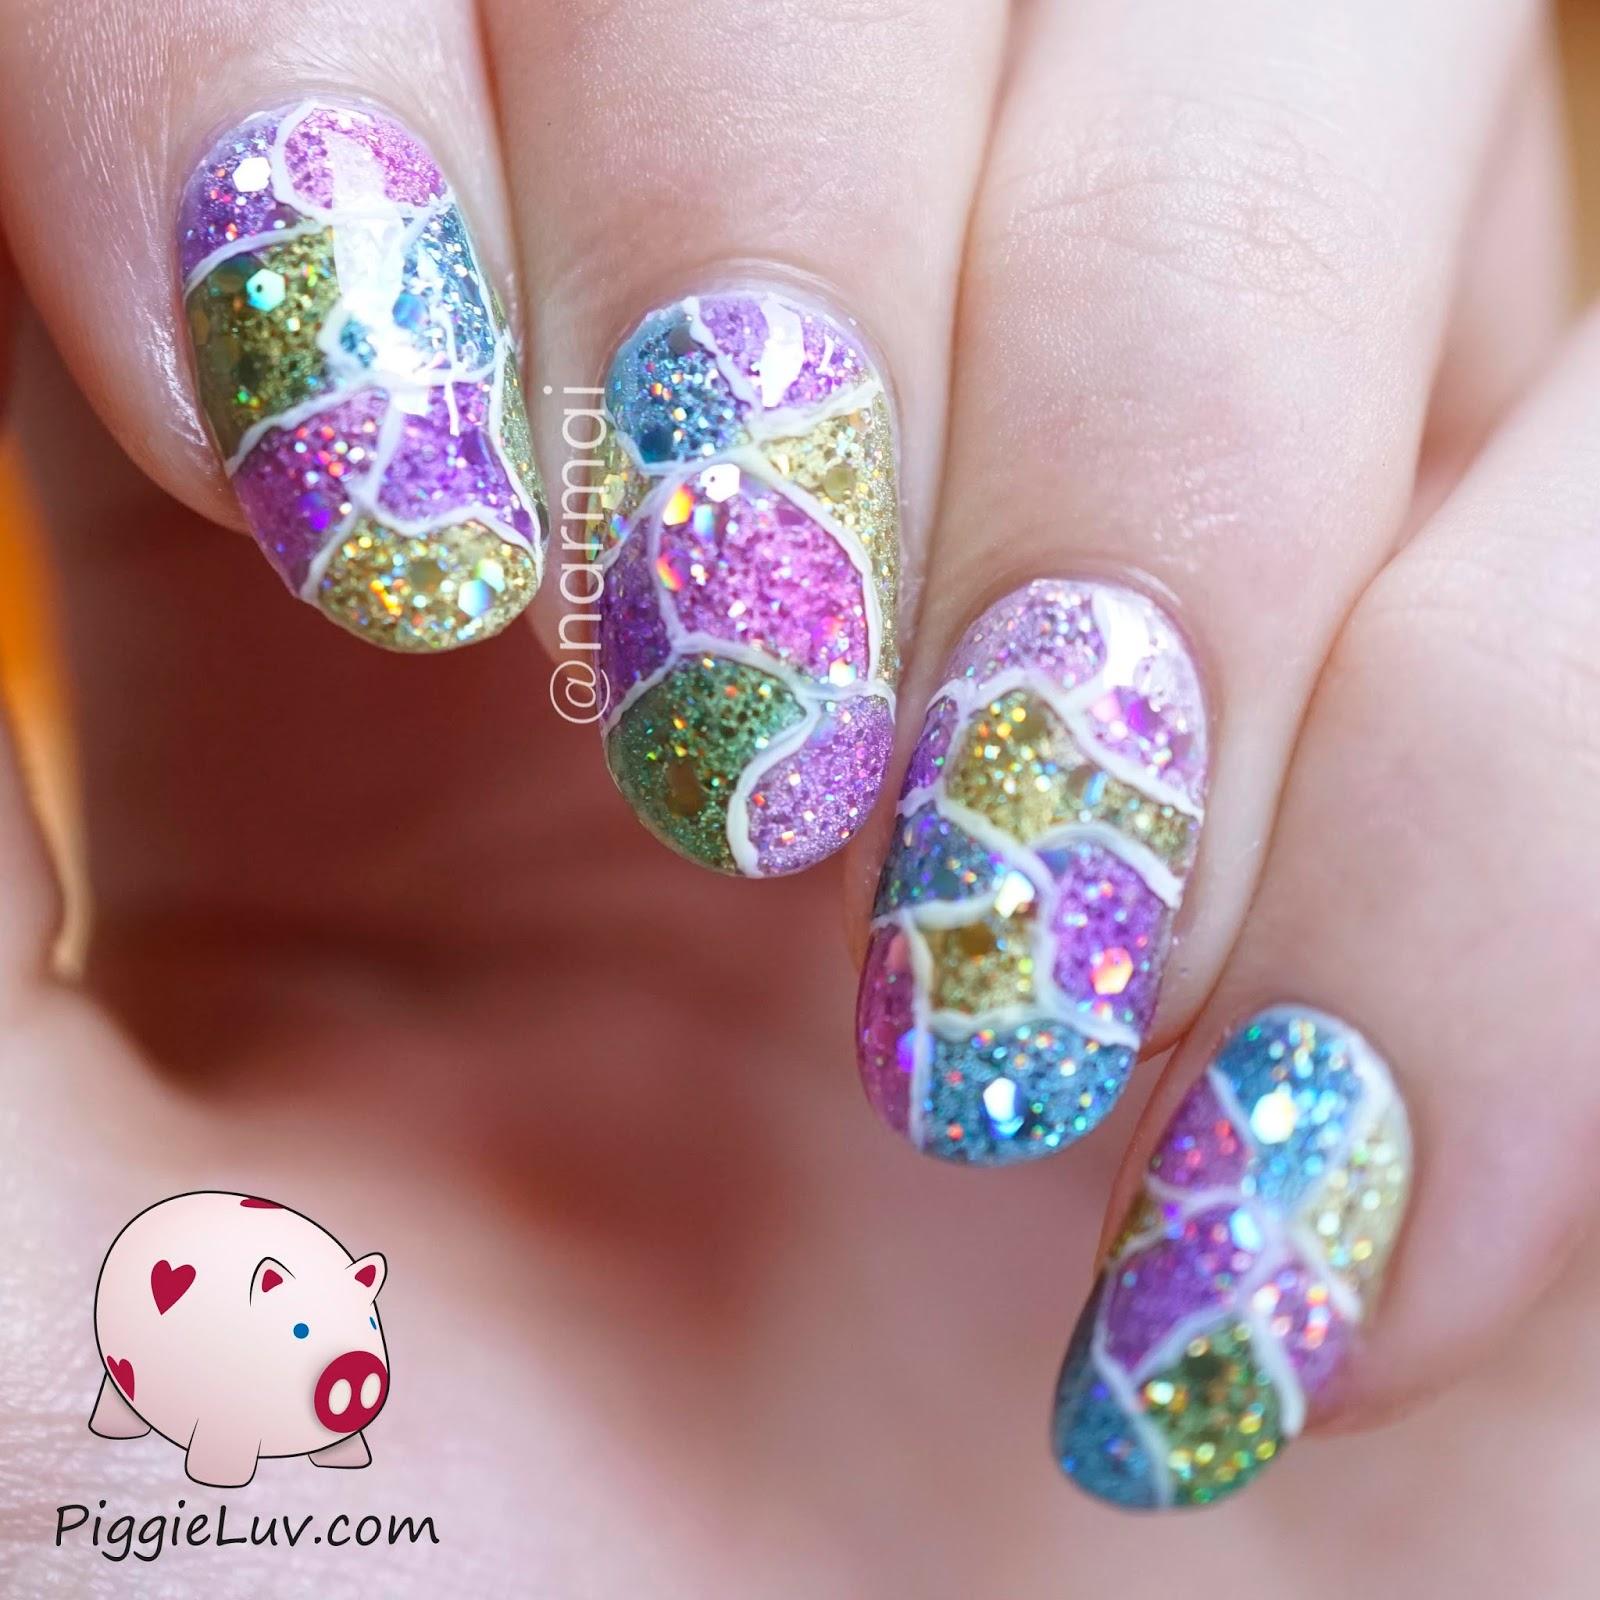 PiggieLuv: Cracked glitter nail art